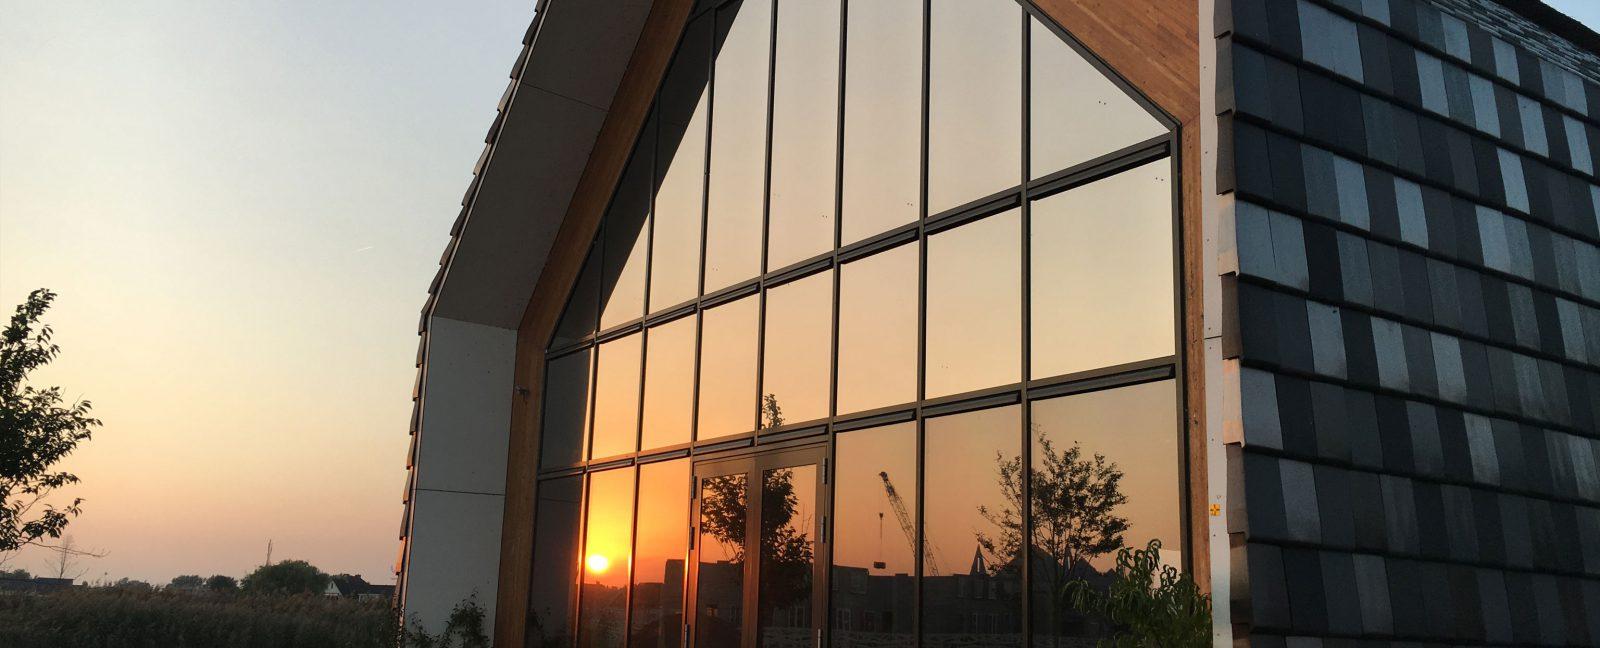 Ramen tinten blinderen gebouw vlakglas